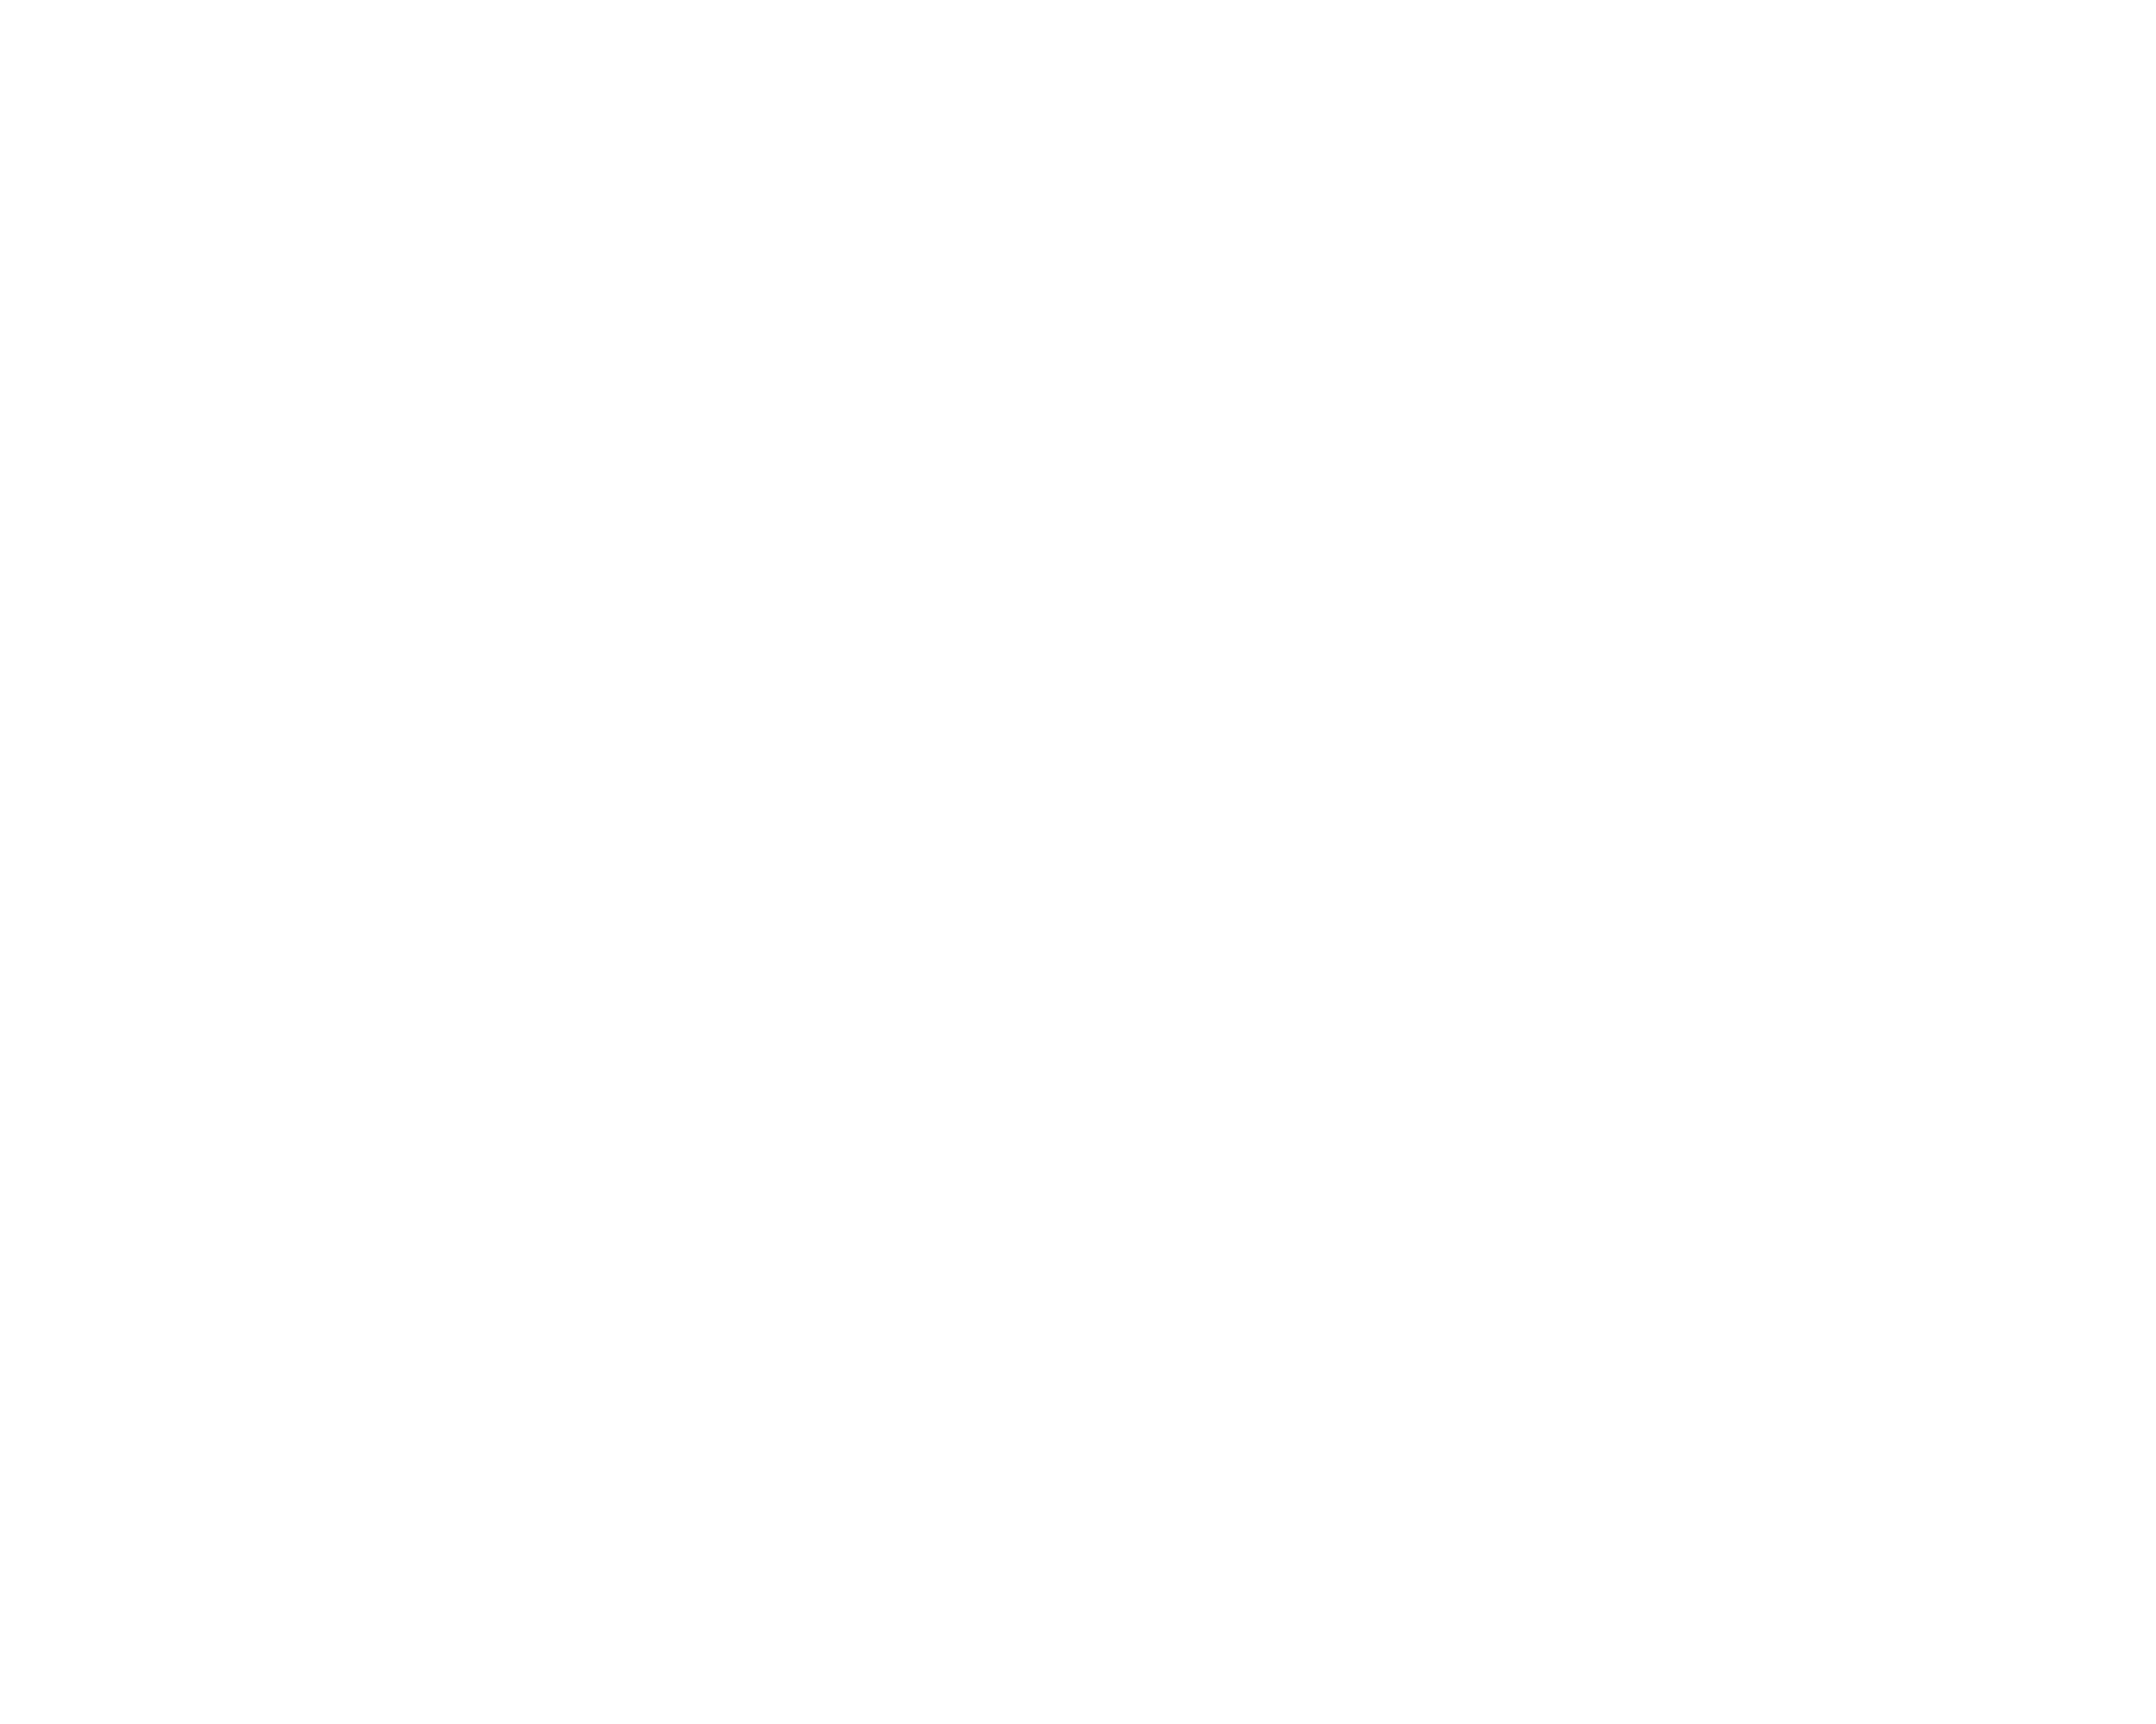 L'HEURE PHILO: «OBJETS INANIMÉS, AVEZ VOUS DONC UNE ÂME?» ( AVEC GREGORY DARBADIE) – 19 DÉCEMBRE 2017